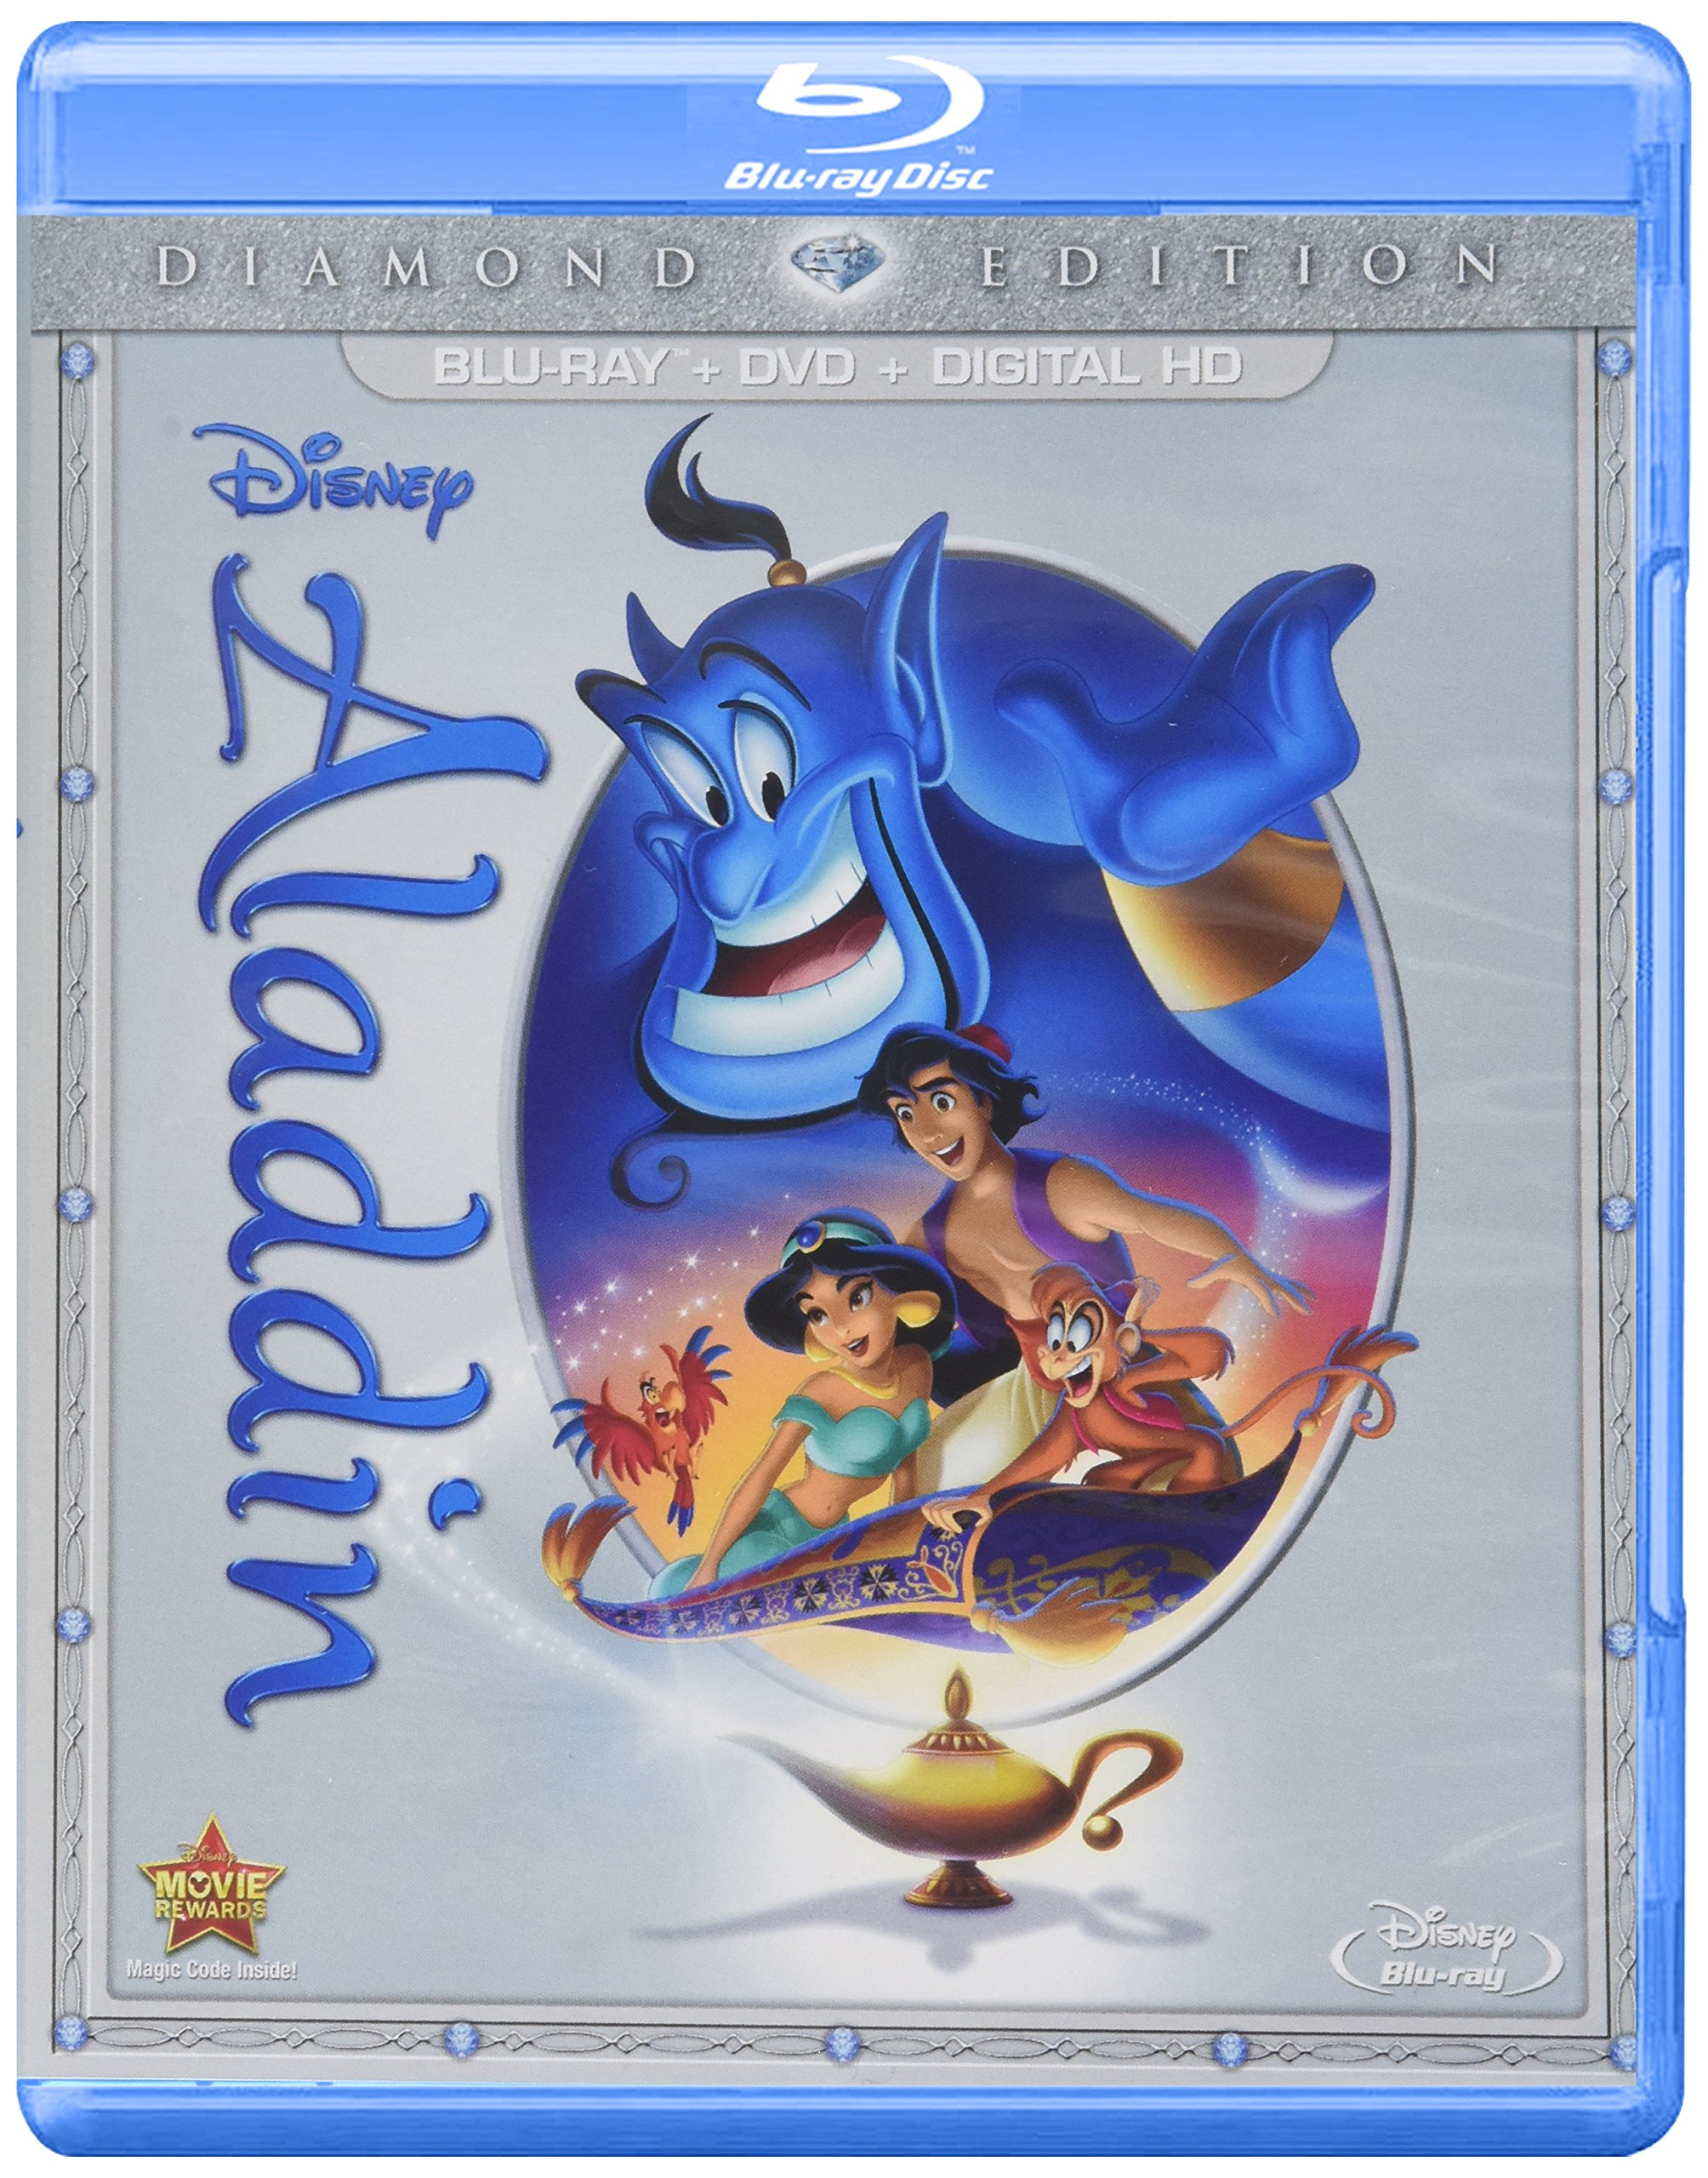 Aladdin: Diamond Edition (Blu-Ray/Dvd/Digital Hd) 4